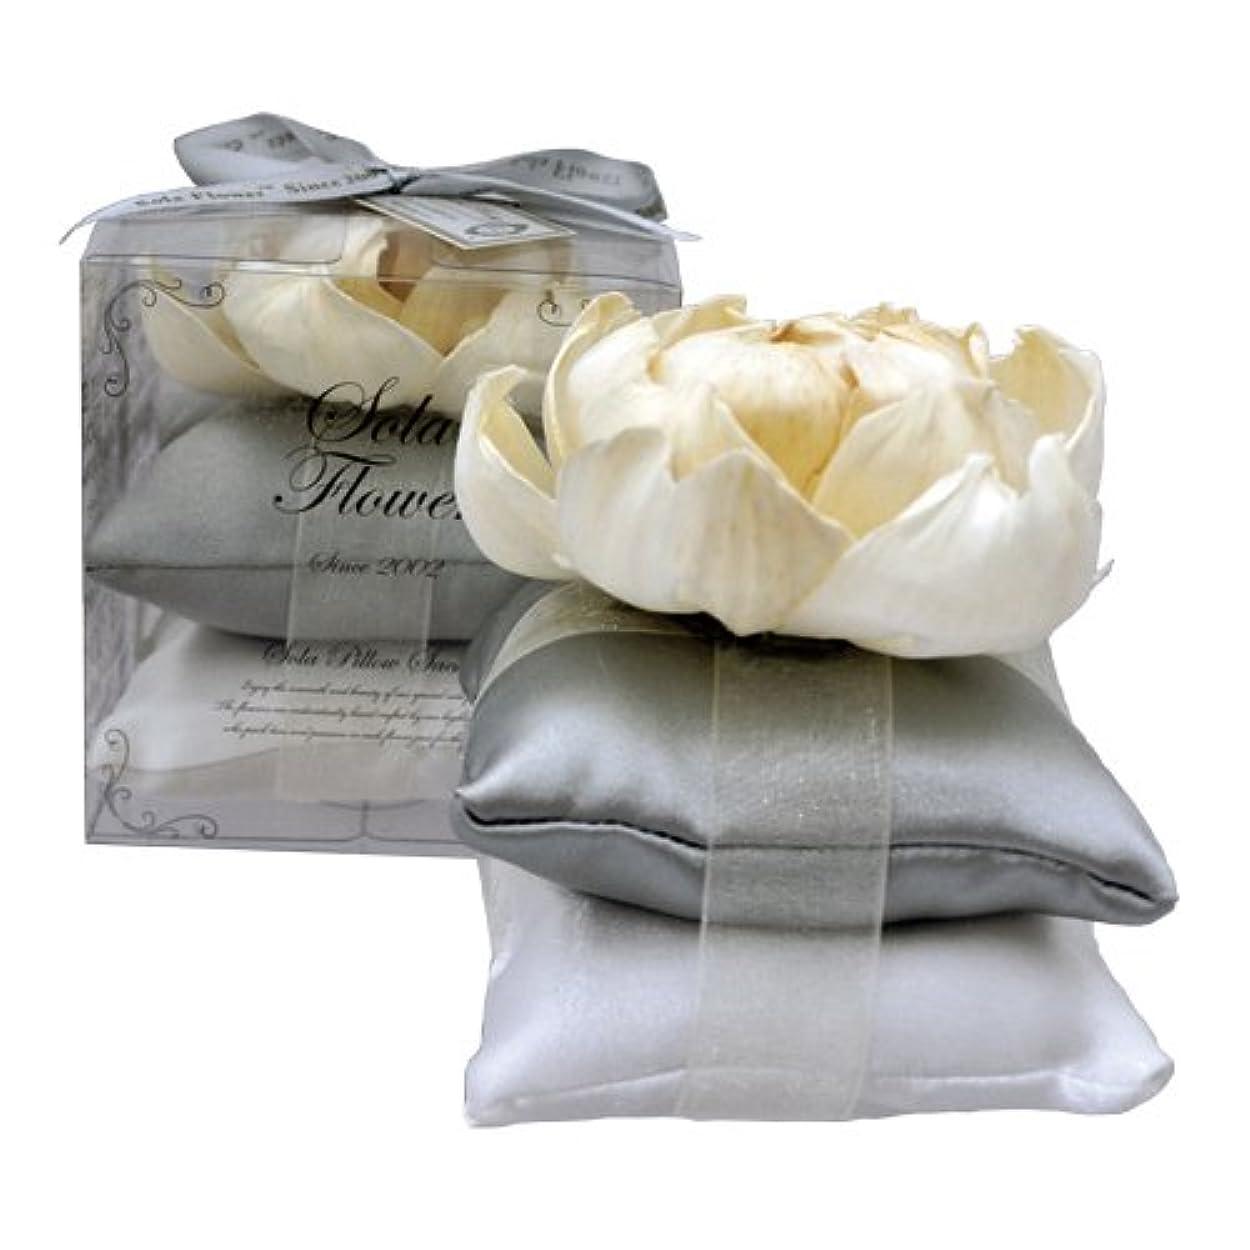 参照するスパイ忠実new Sola Flower ソラフラワー ピローサシェ Elegant Peony エレガントピオニー Pillow Sachet